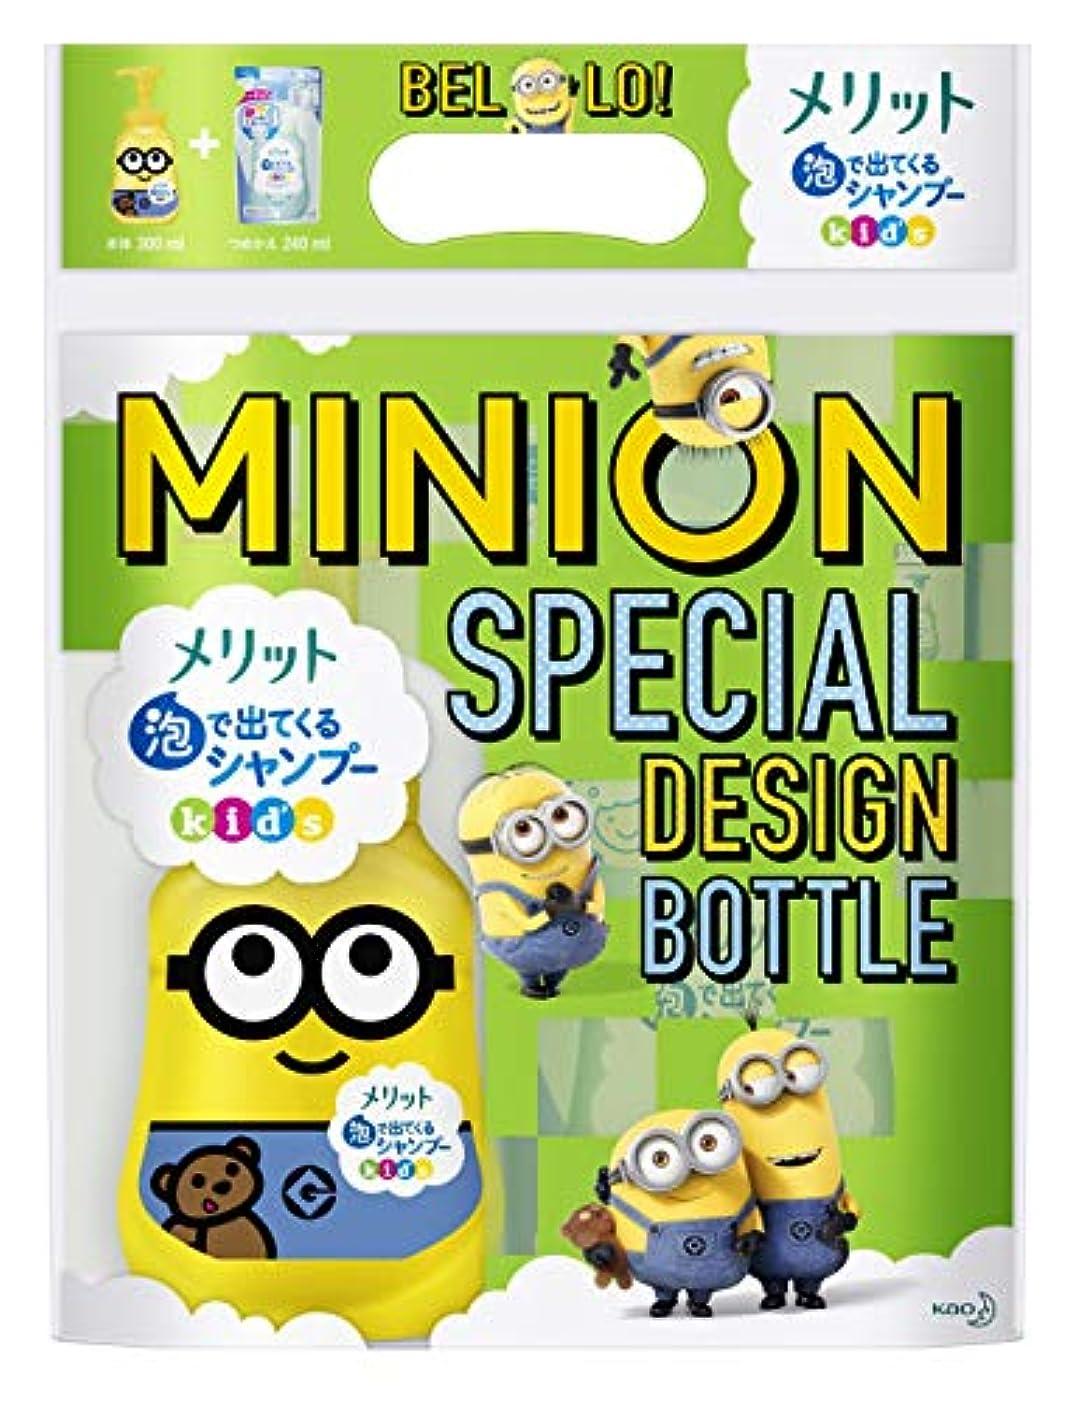 苦たるみ鏡メリット 泡で出てくるシャンプー キッズ ミニオン スペシャルデザインボトル [ Minion Special Design Bottle ] + つめかえ用セット (デザインボトル300ml+つめかえ用240ml)